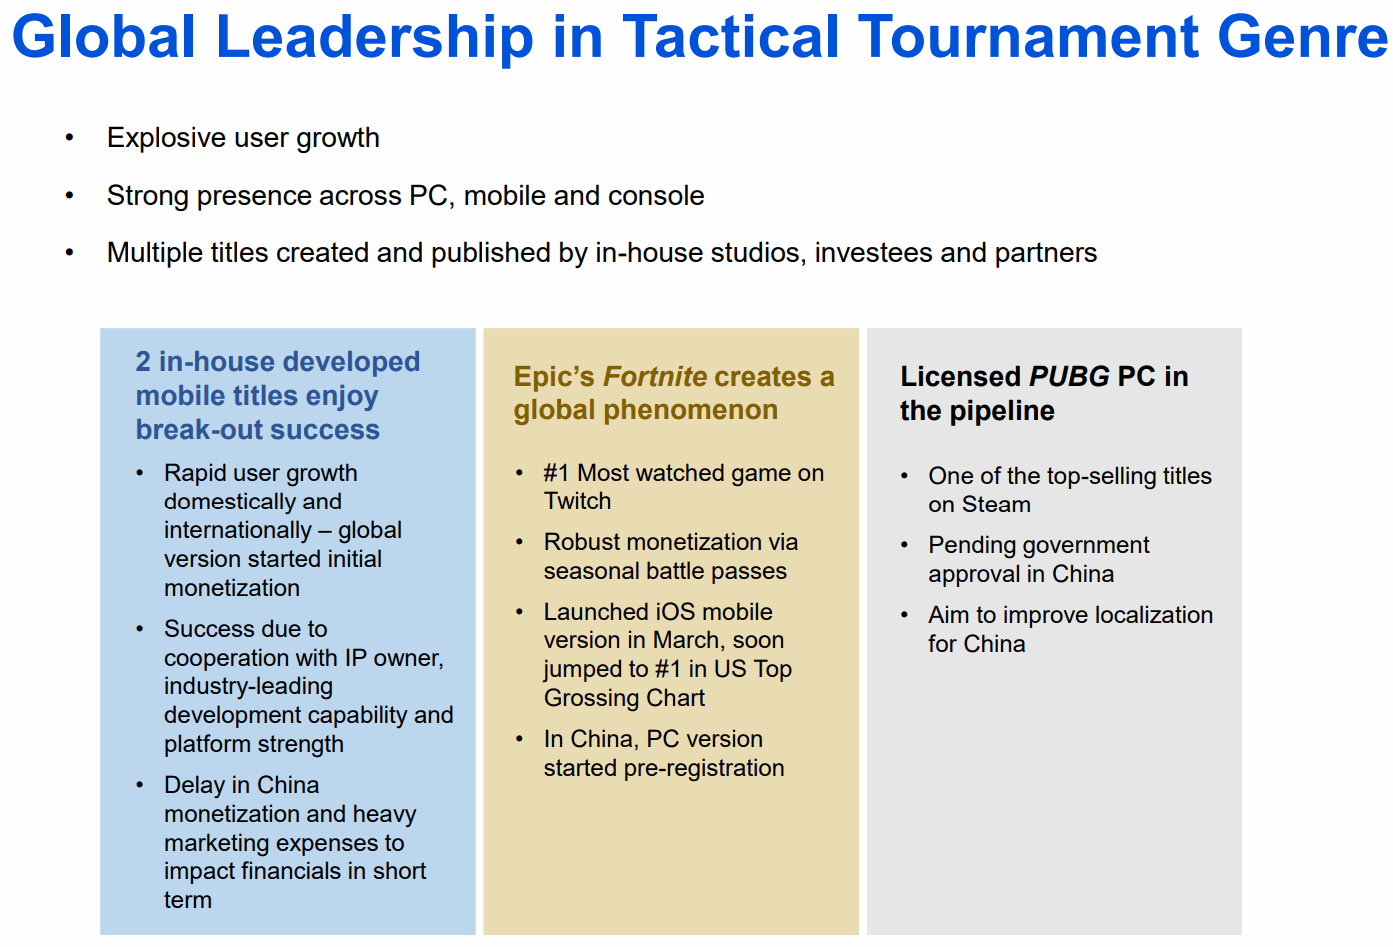 Tencent-2018Q1-Global-Leadership